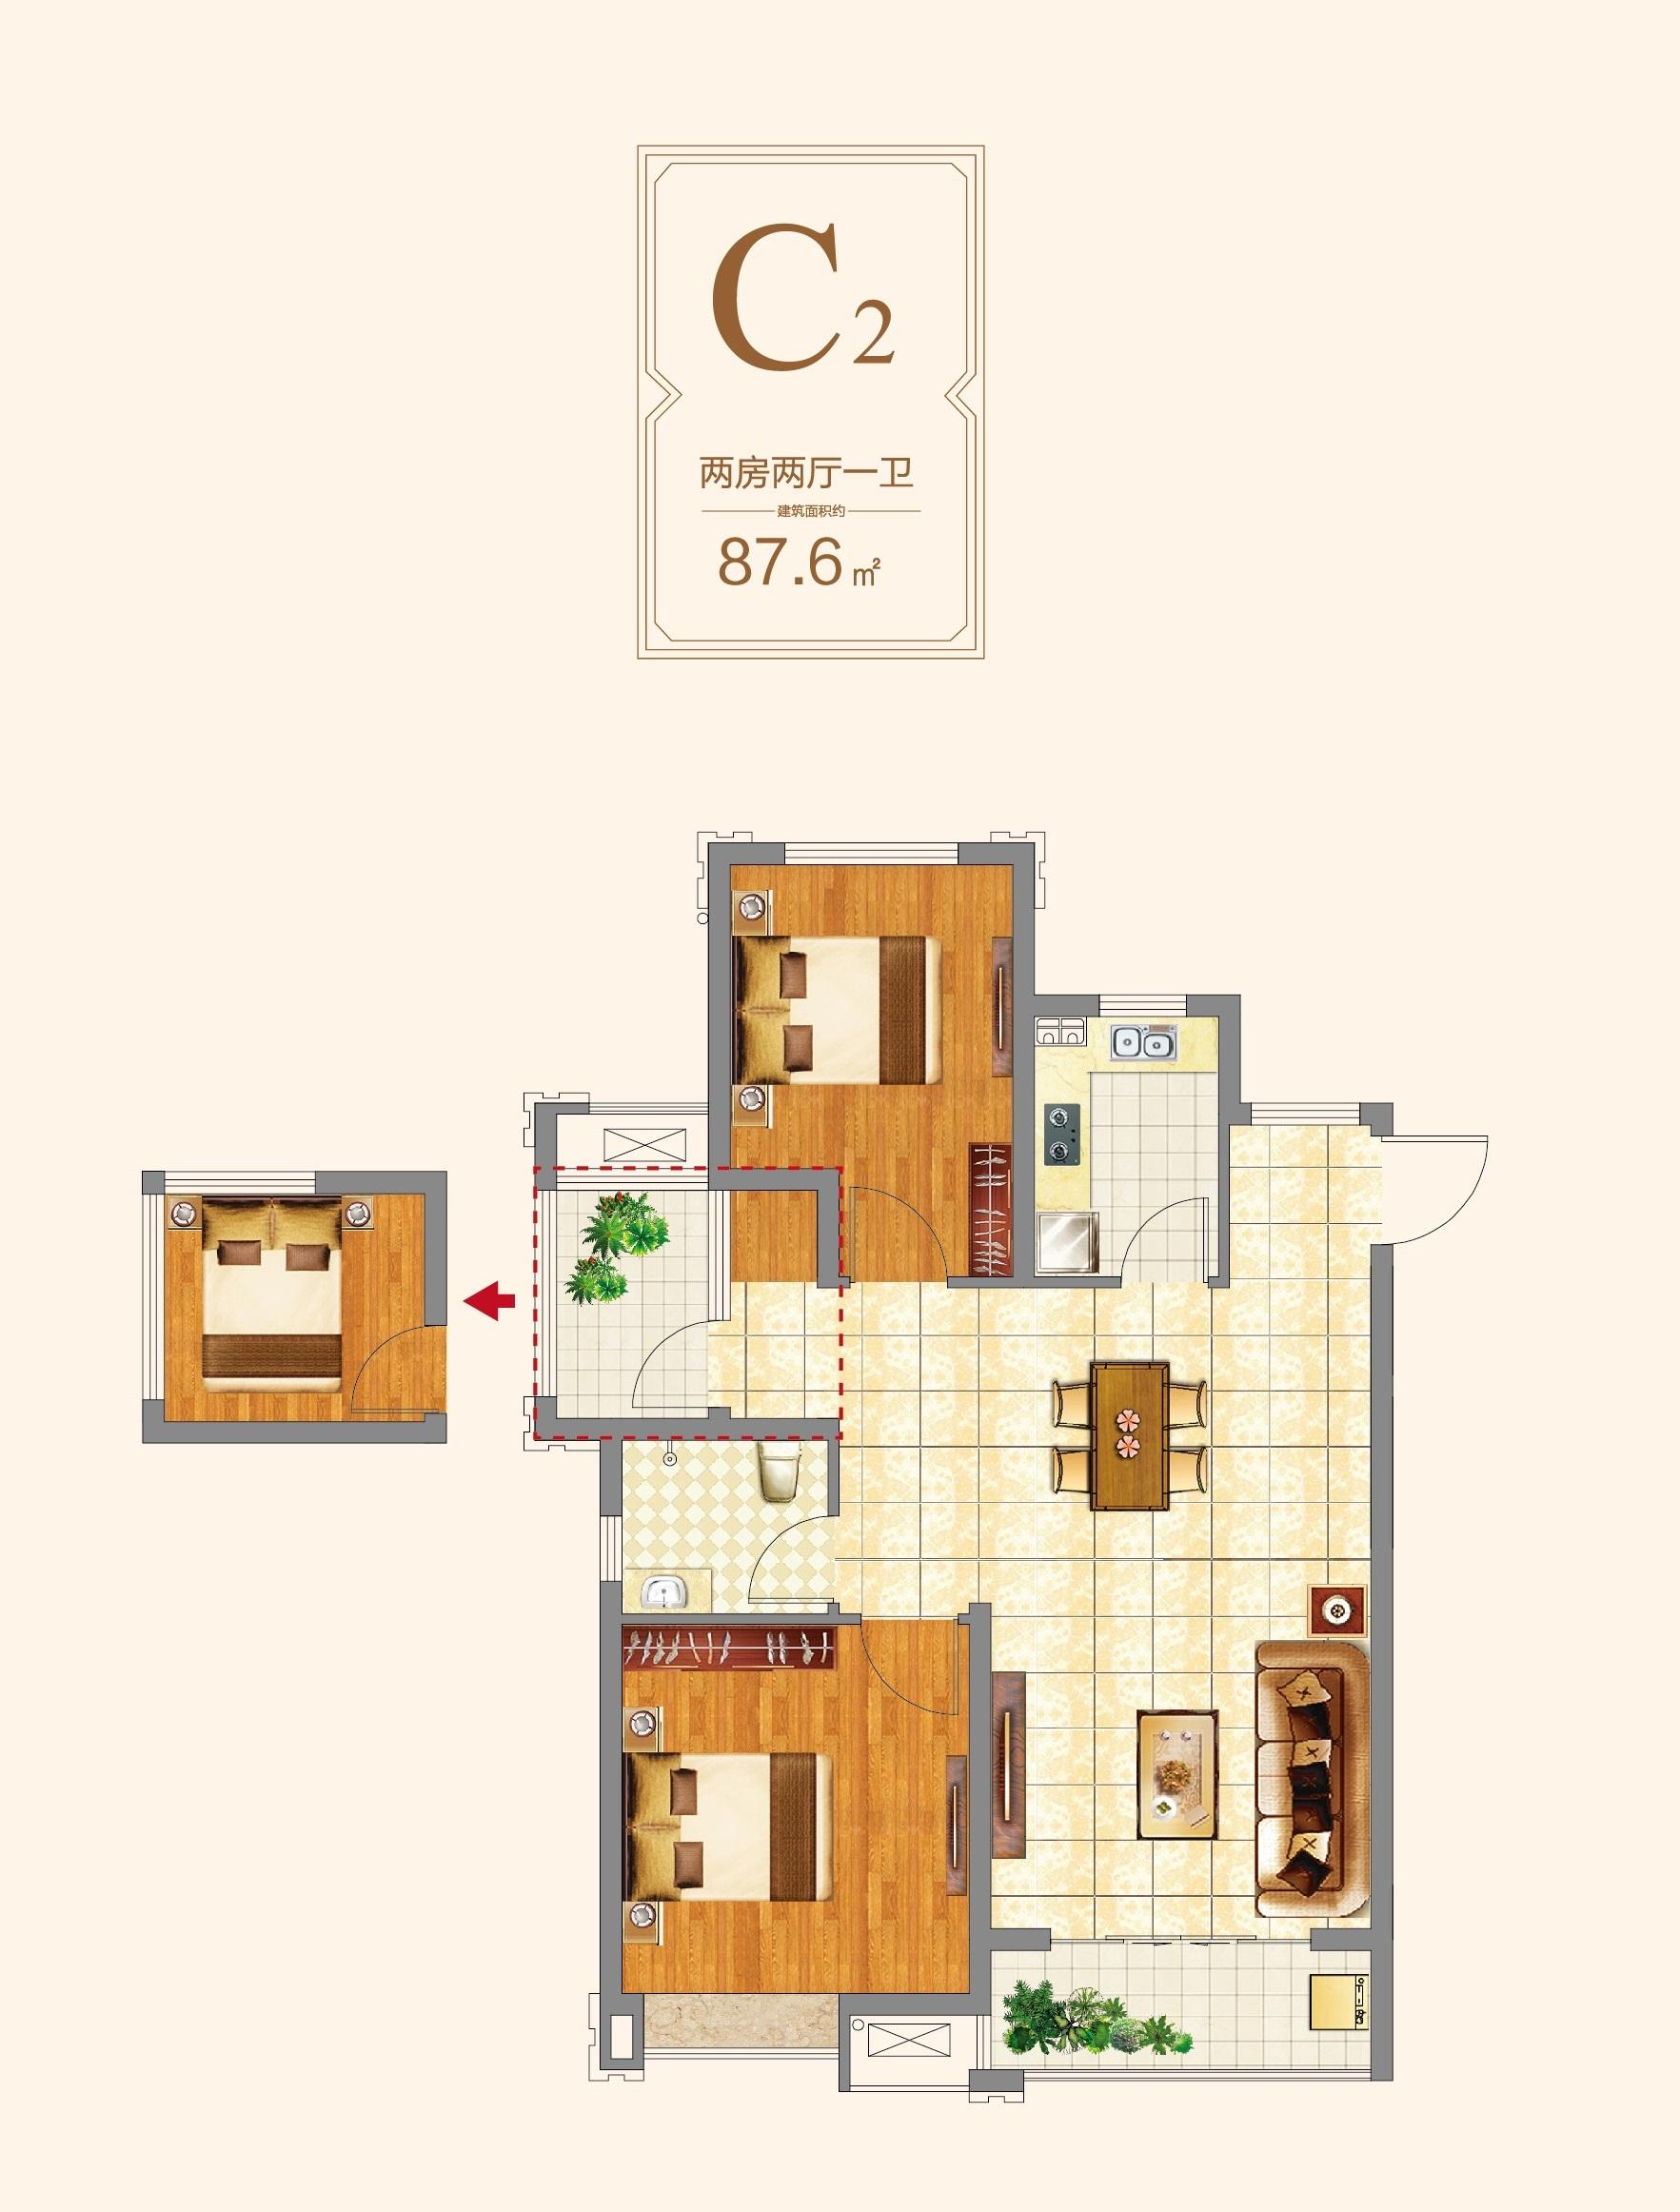 信德悦城C2户型图-87.6